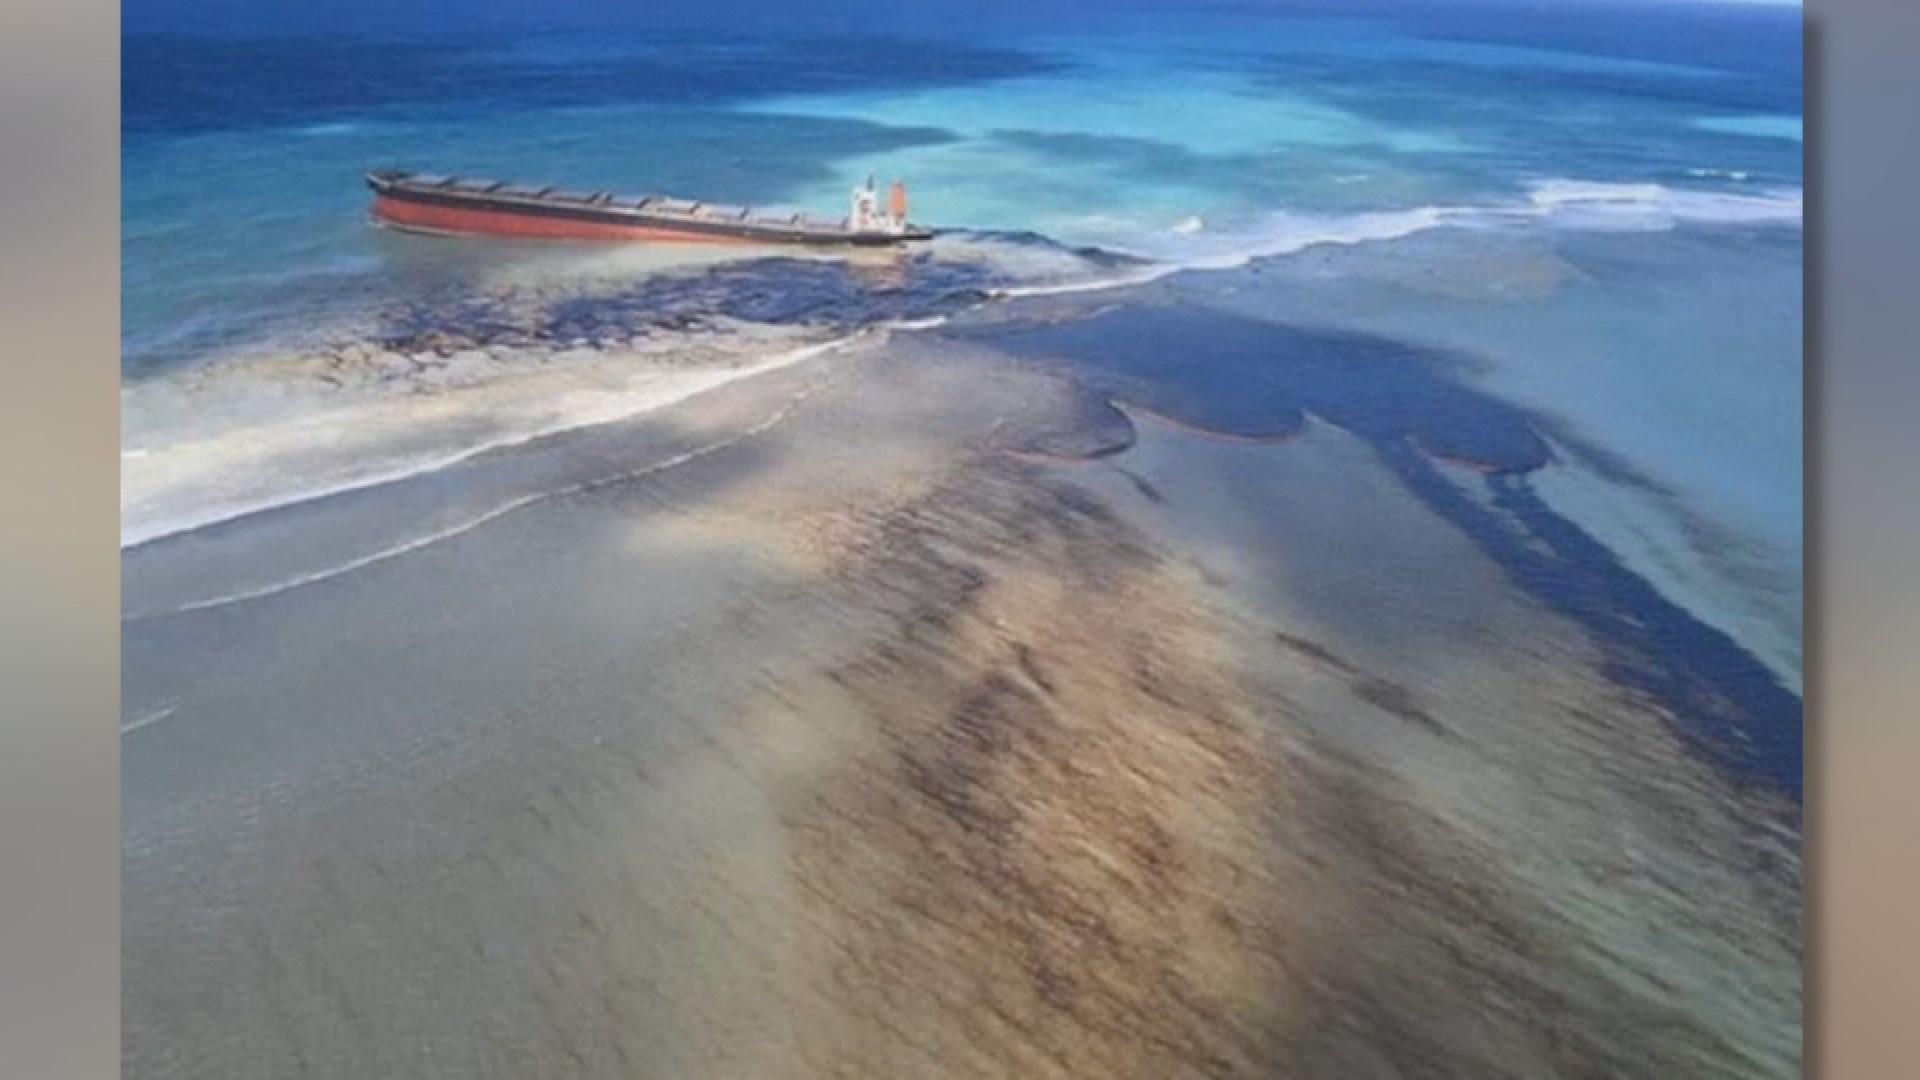 모리셔스 해안에 일본 선박 좌초…기름 유출 비상